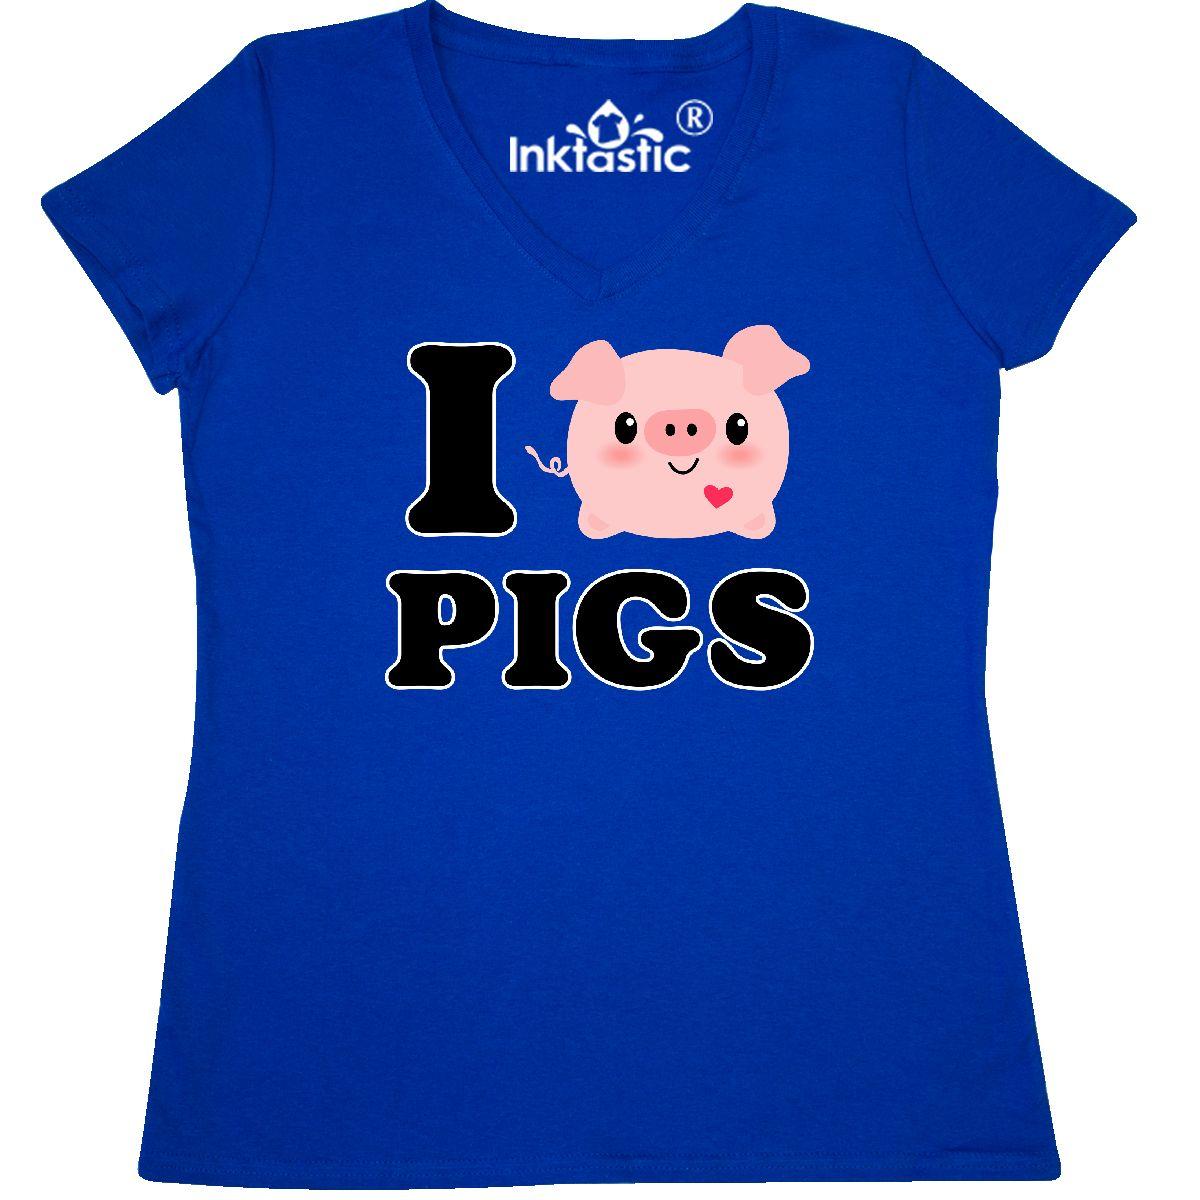 Inktastic-I-Love-Pigs-Women-039-s-V-Neck-T-Shirt-Heart-Kawaii-Pig-Piggy-Piglet-Chibi